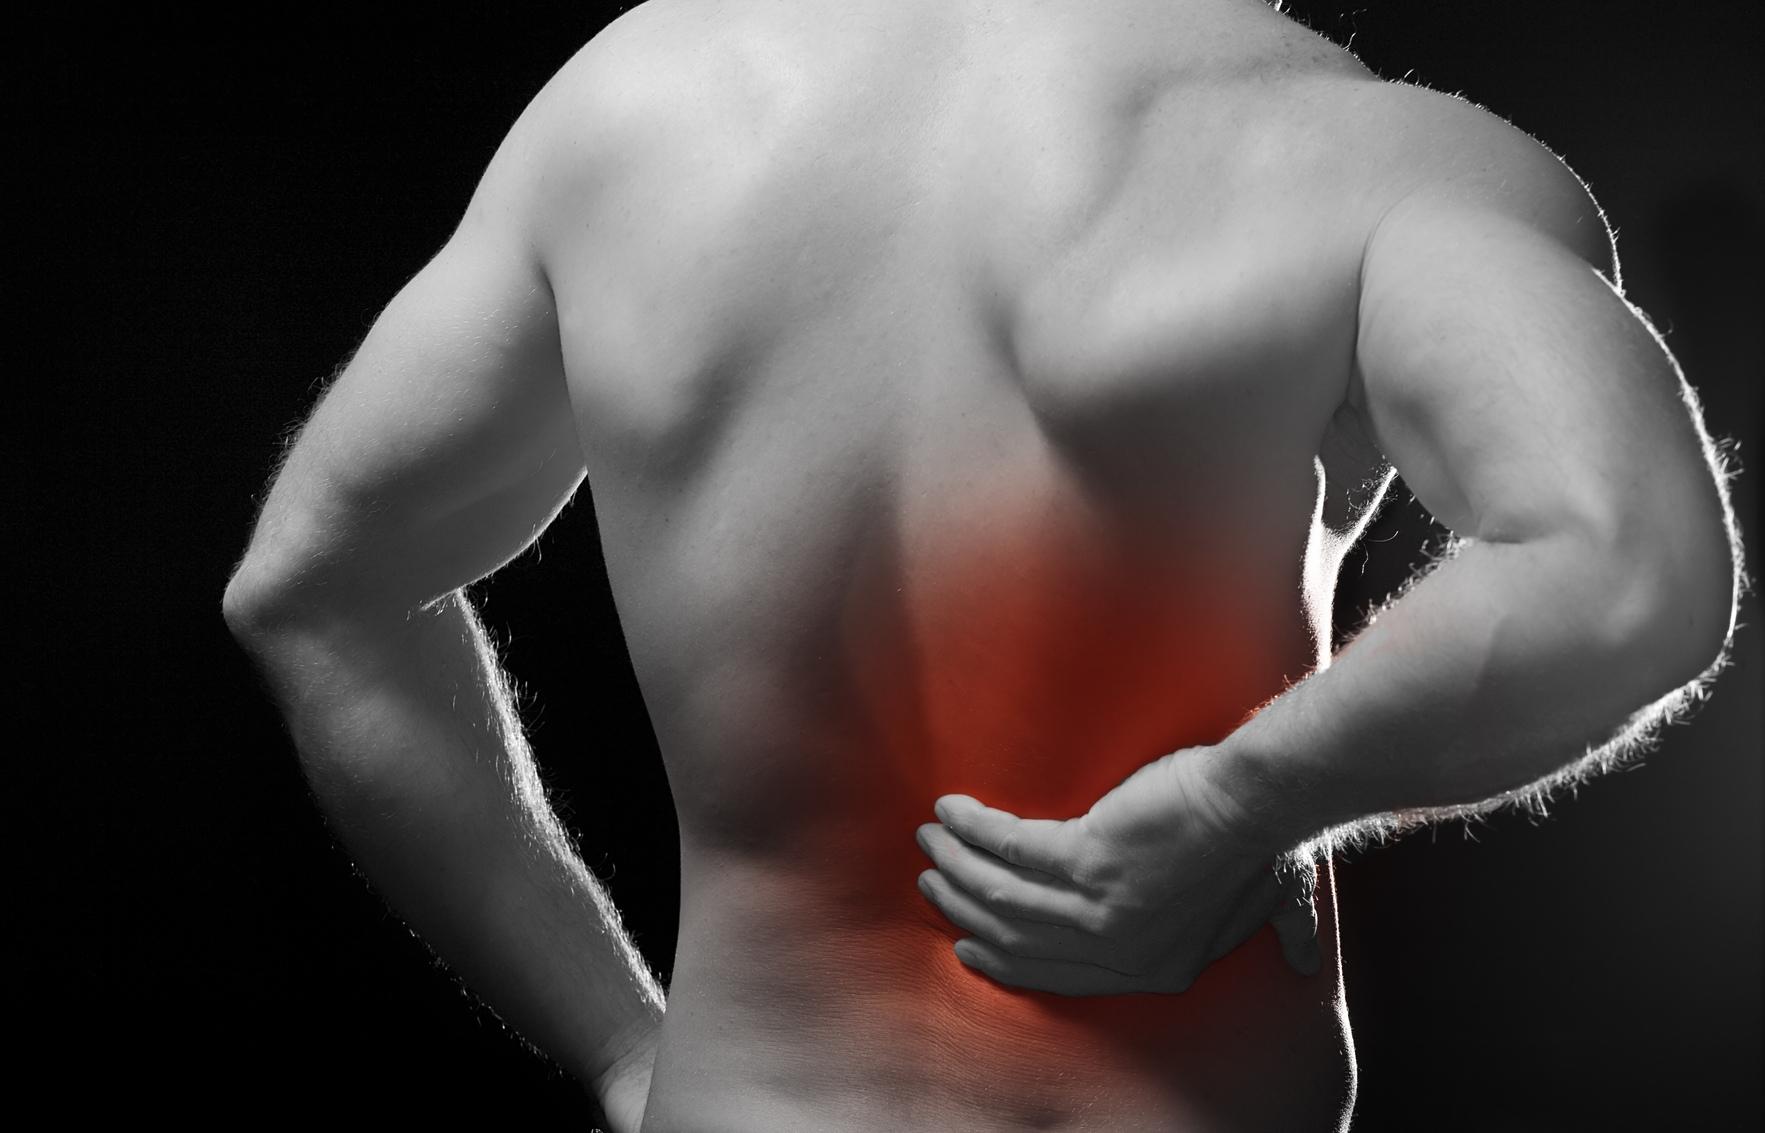 Las hierbas de los dolores en la espalda y los riñones